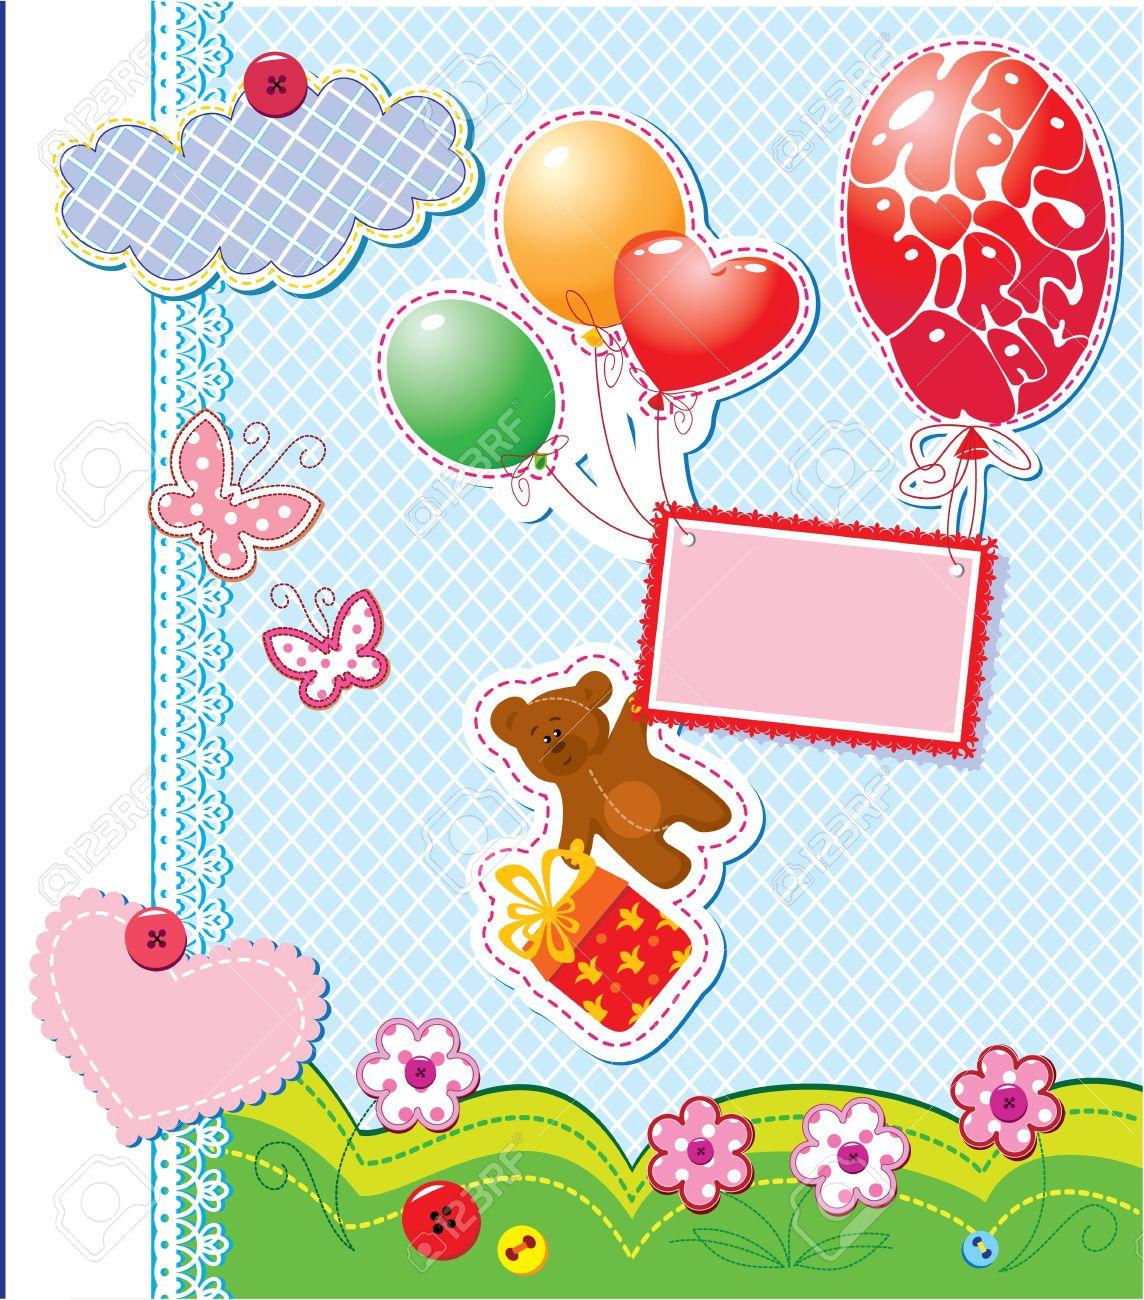 Carte Anniversaire Ourson.Carte D Anniversaire Bebe Avec Ourson Et Boite Cadeau Avec Des